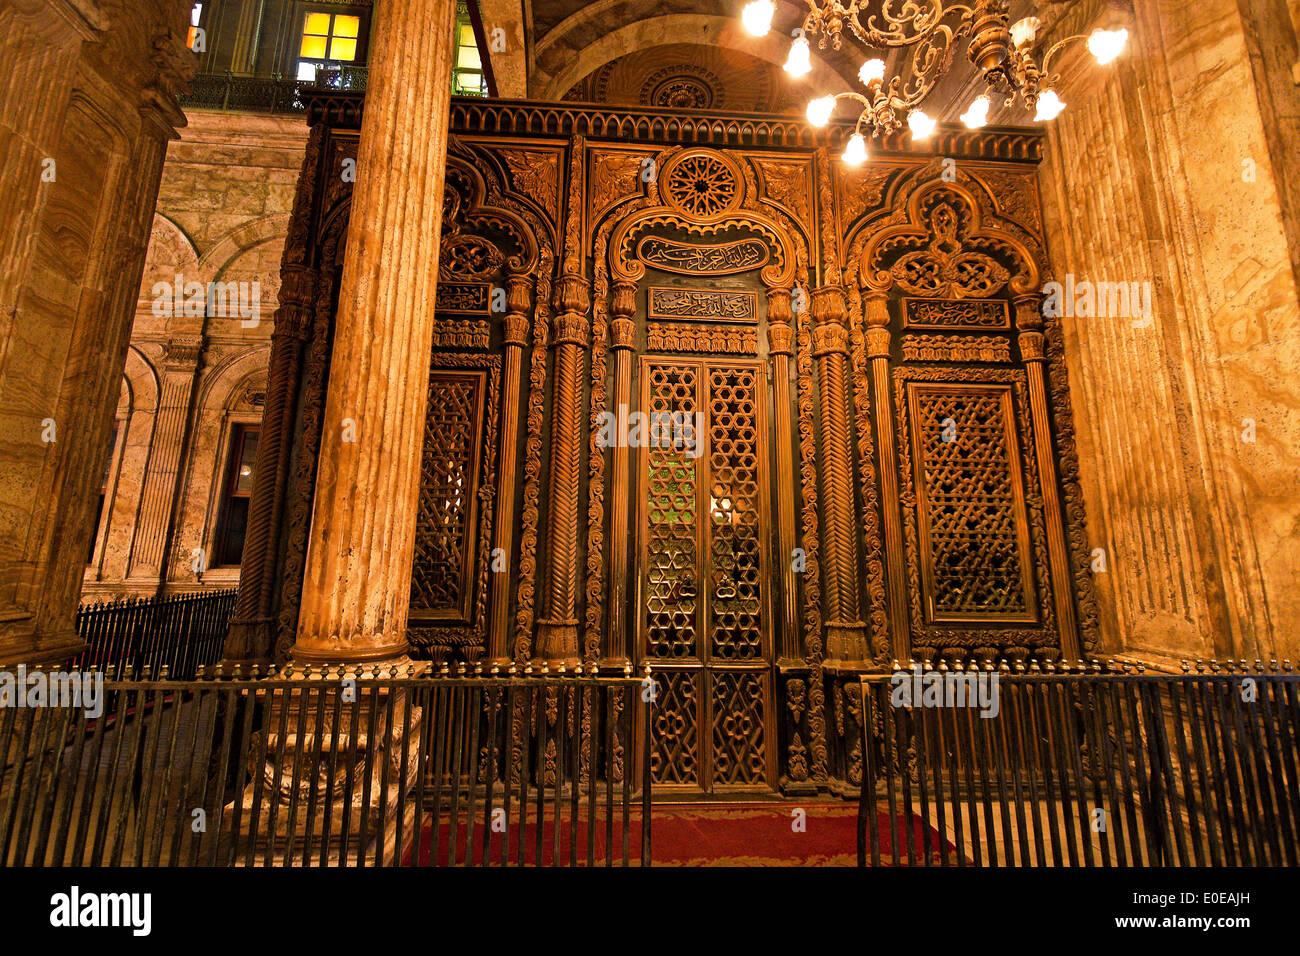 ? ?gypten, Cairo. Mohammed Ali Moschee. Indoor photograph., Ägypten, Kairo. Mohammed Ali Moschee. Innenaufnahme. Stock Photo